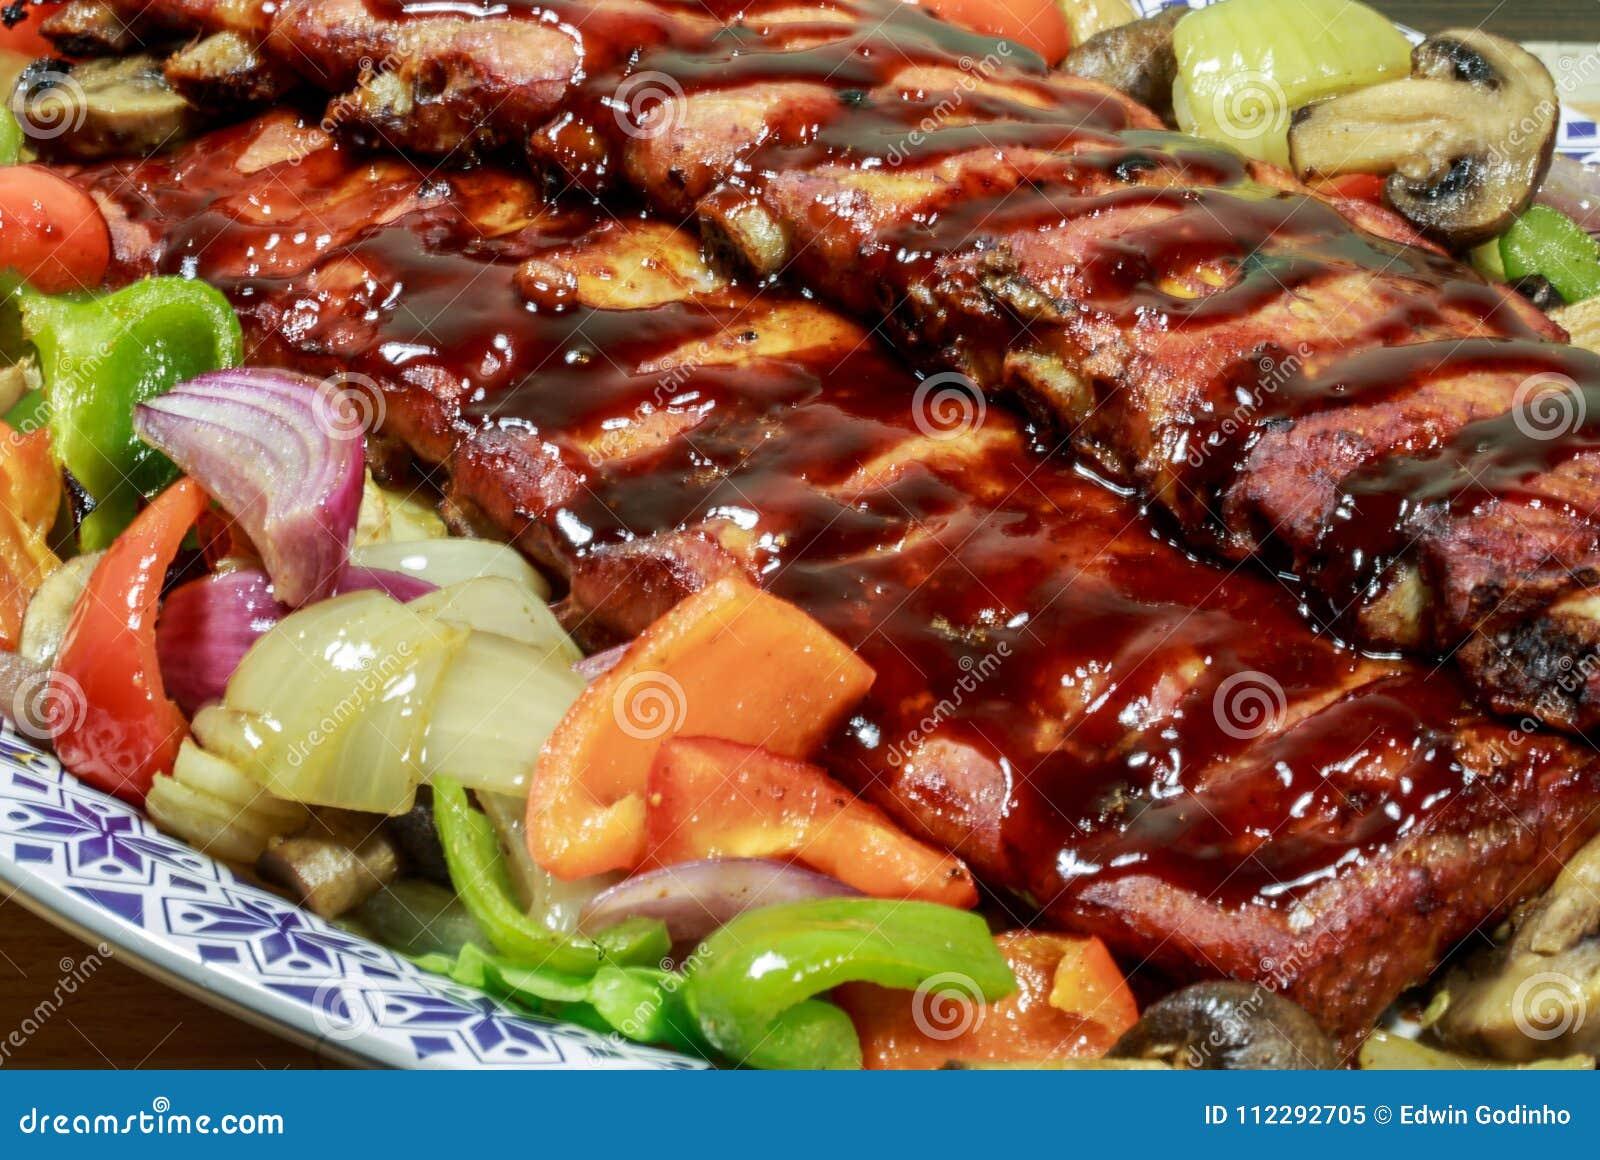 Uno scaffale delle costole ha cucinato con le verdure dell arrosto e della salsa barbecue